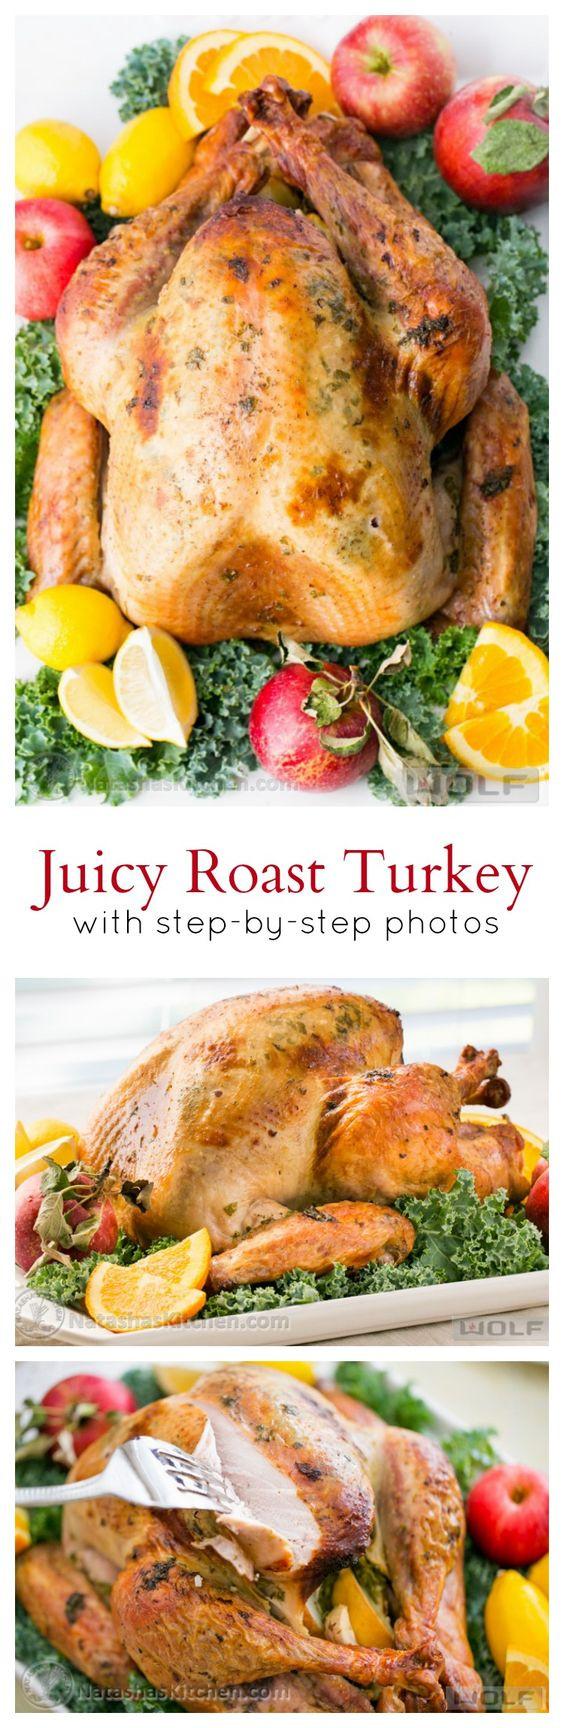 Turkey Recipe For Thanksgiving Dinner  The BEST Thanksgiving Dinner Holiday Favorite Menu Recipes